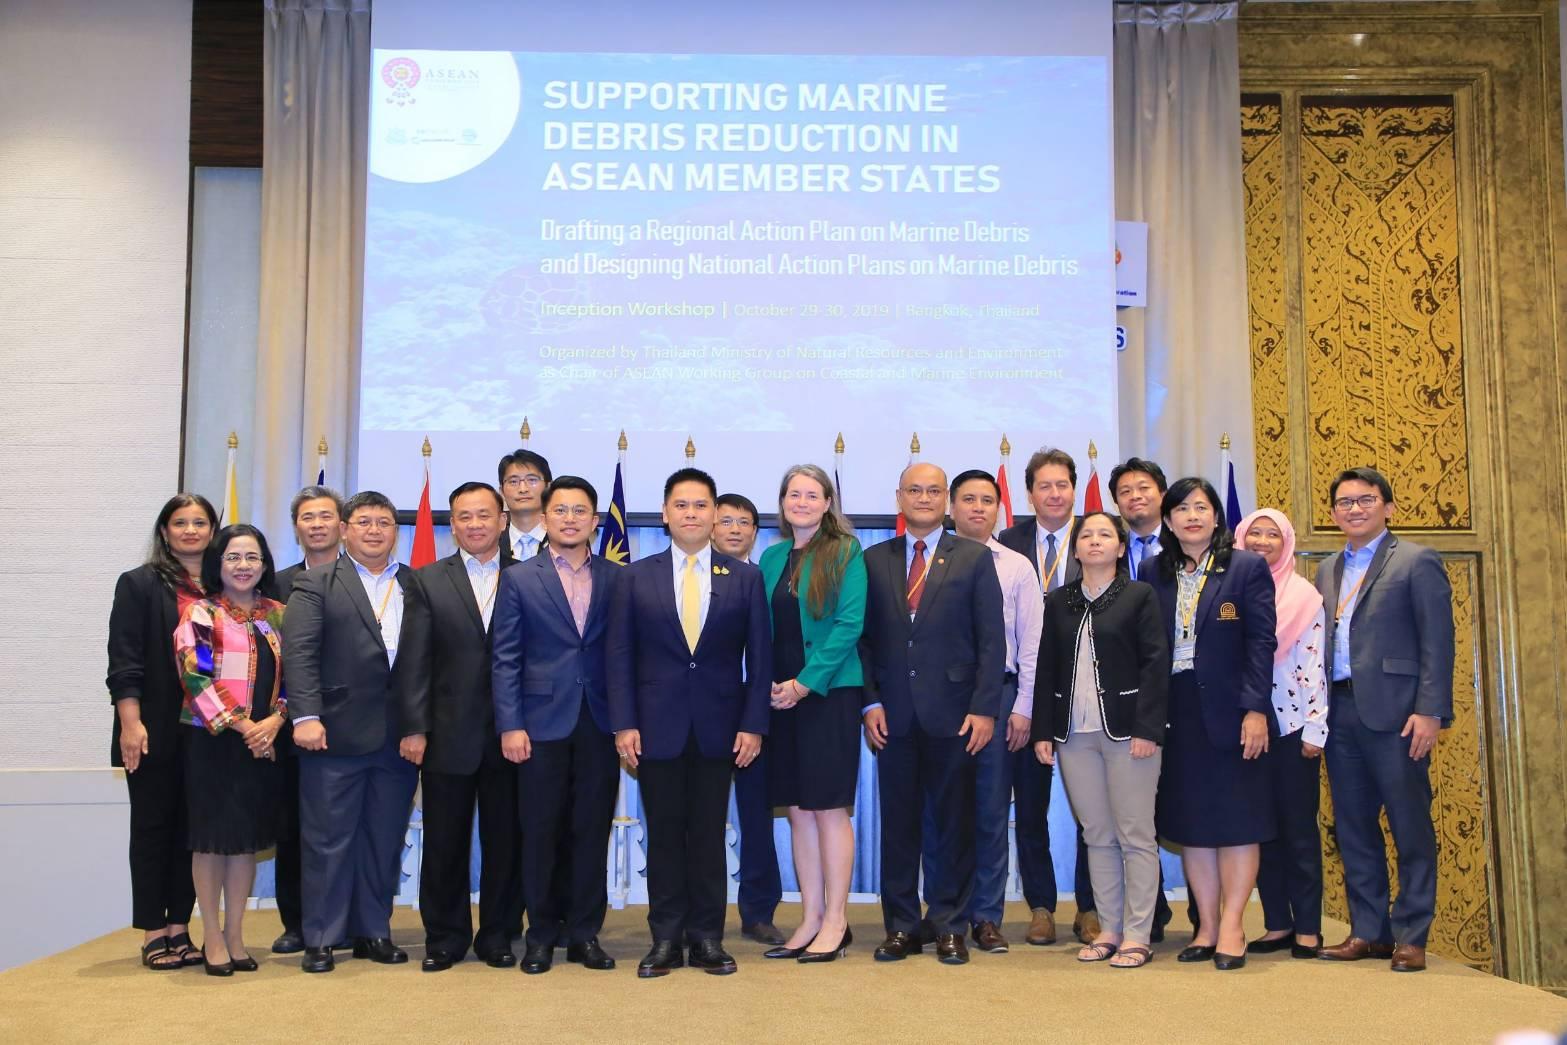 ทช. เข้าร่วมประชุมเชิงปฏิบัติการ Supporting Marine Debris Reduction  in ASEAN Member States